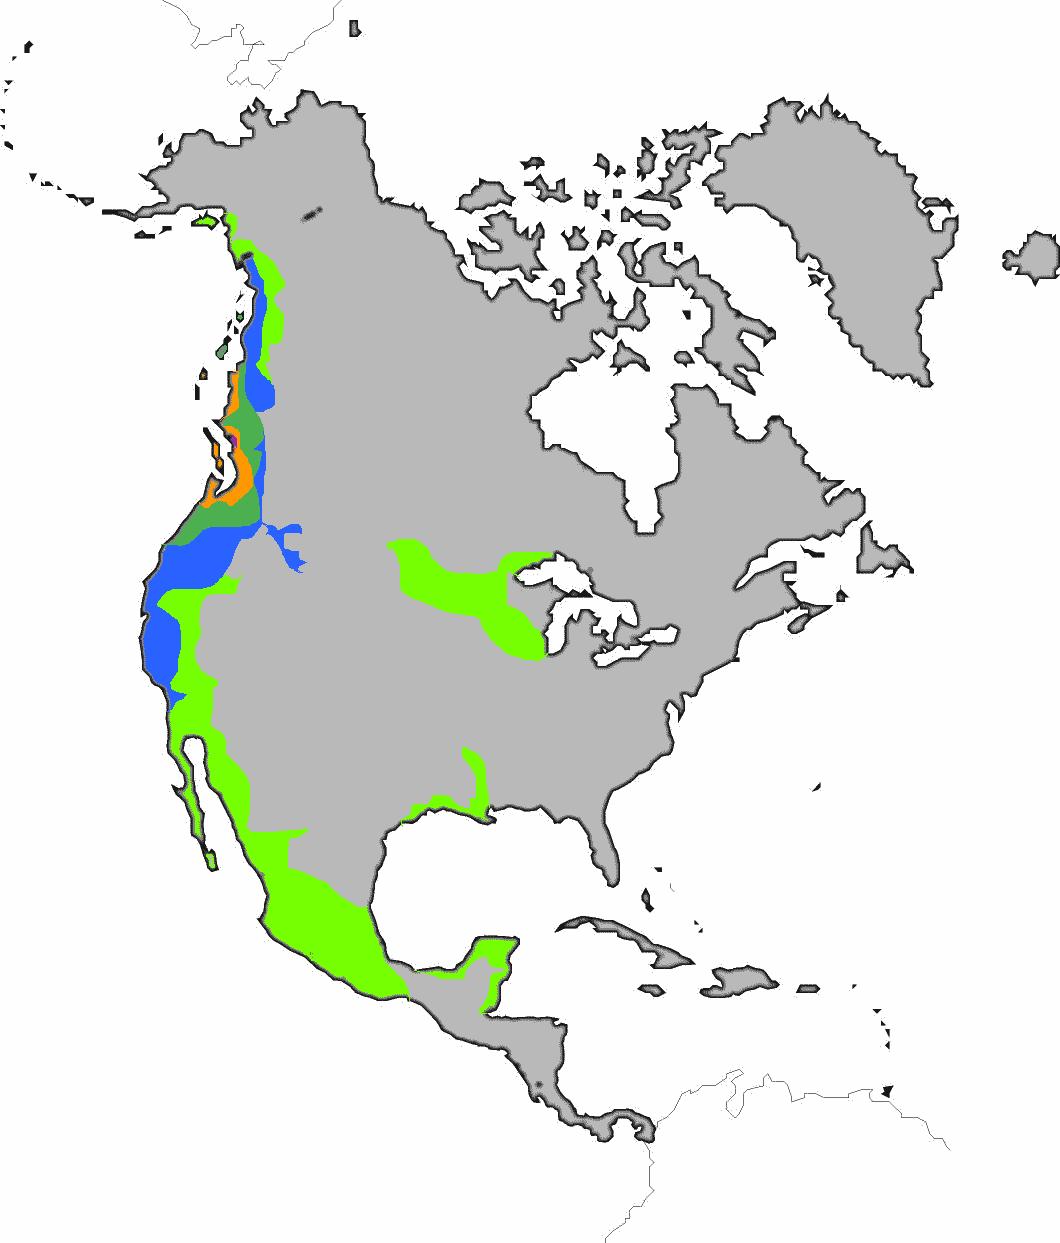 картинки материков земли по отдельности северная америка смотря это